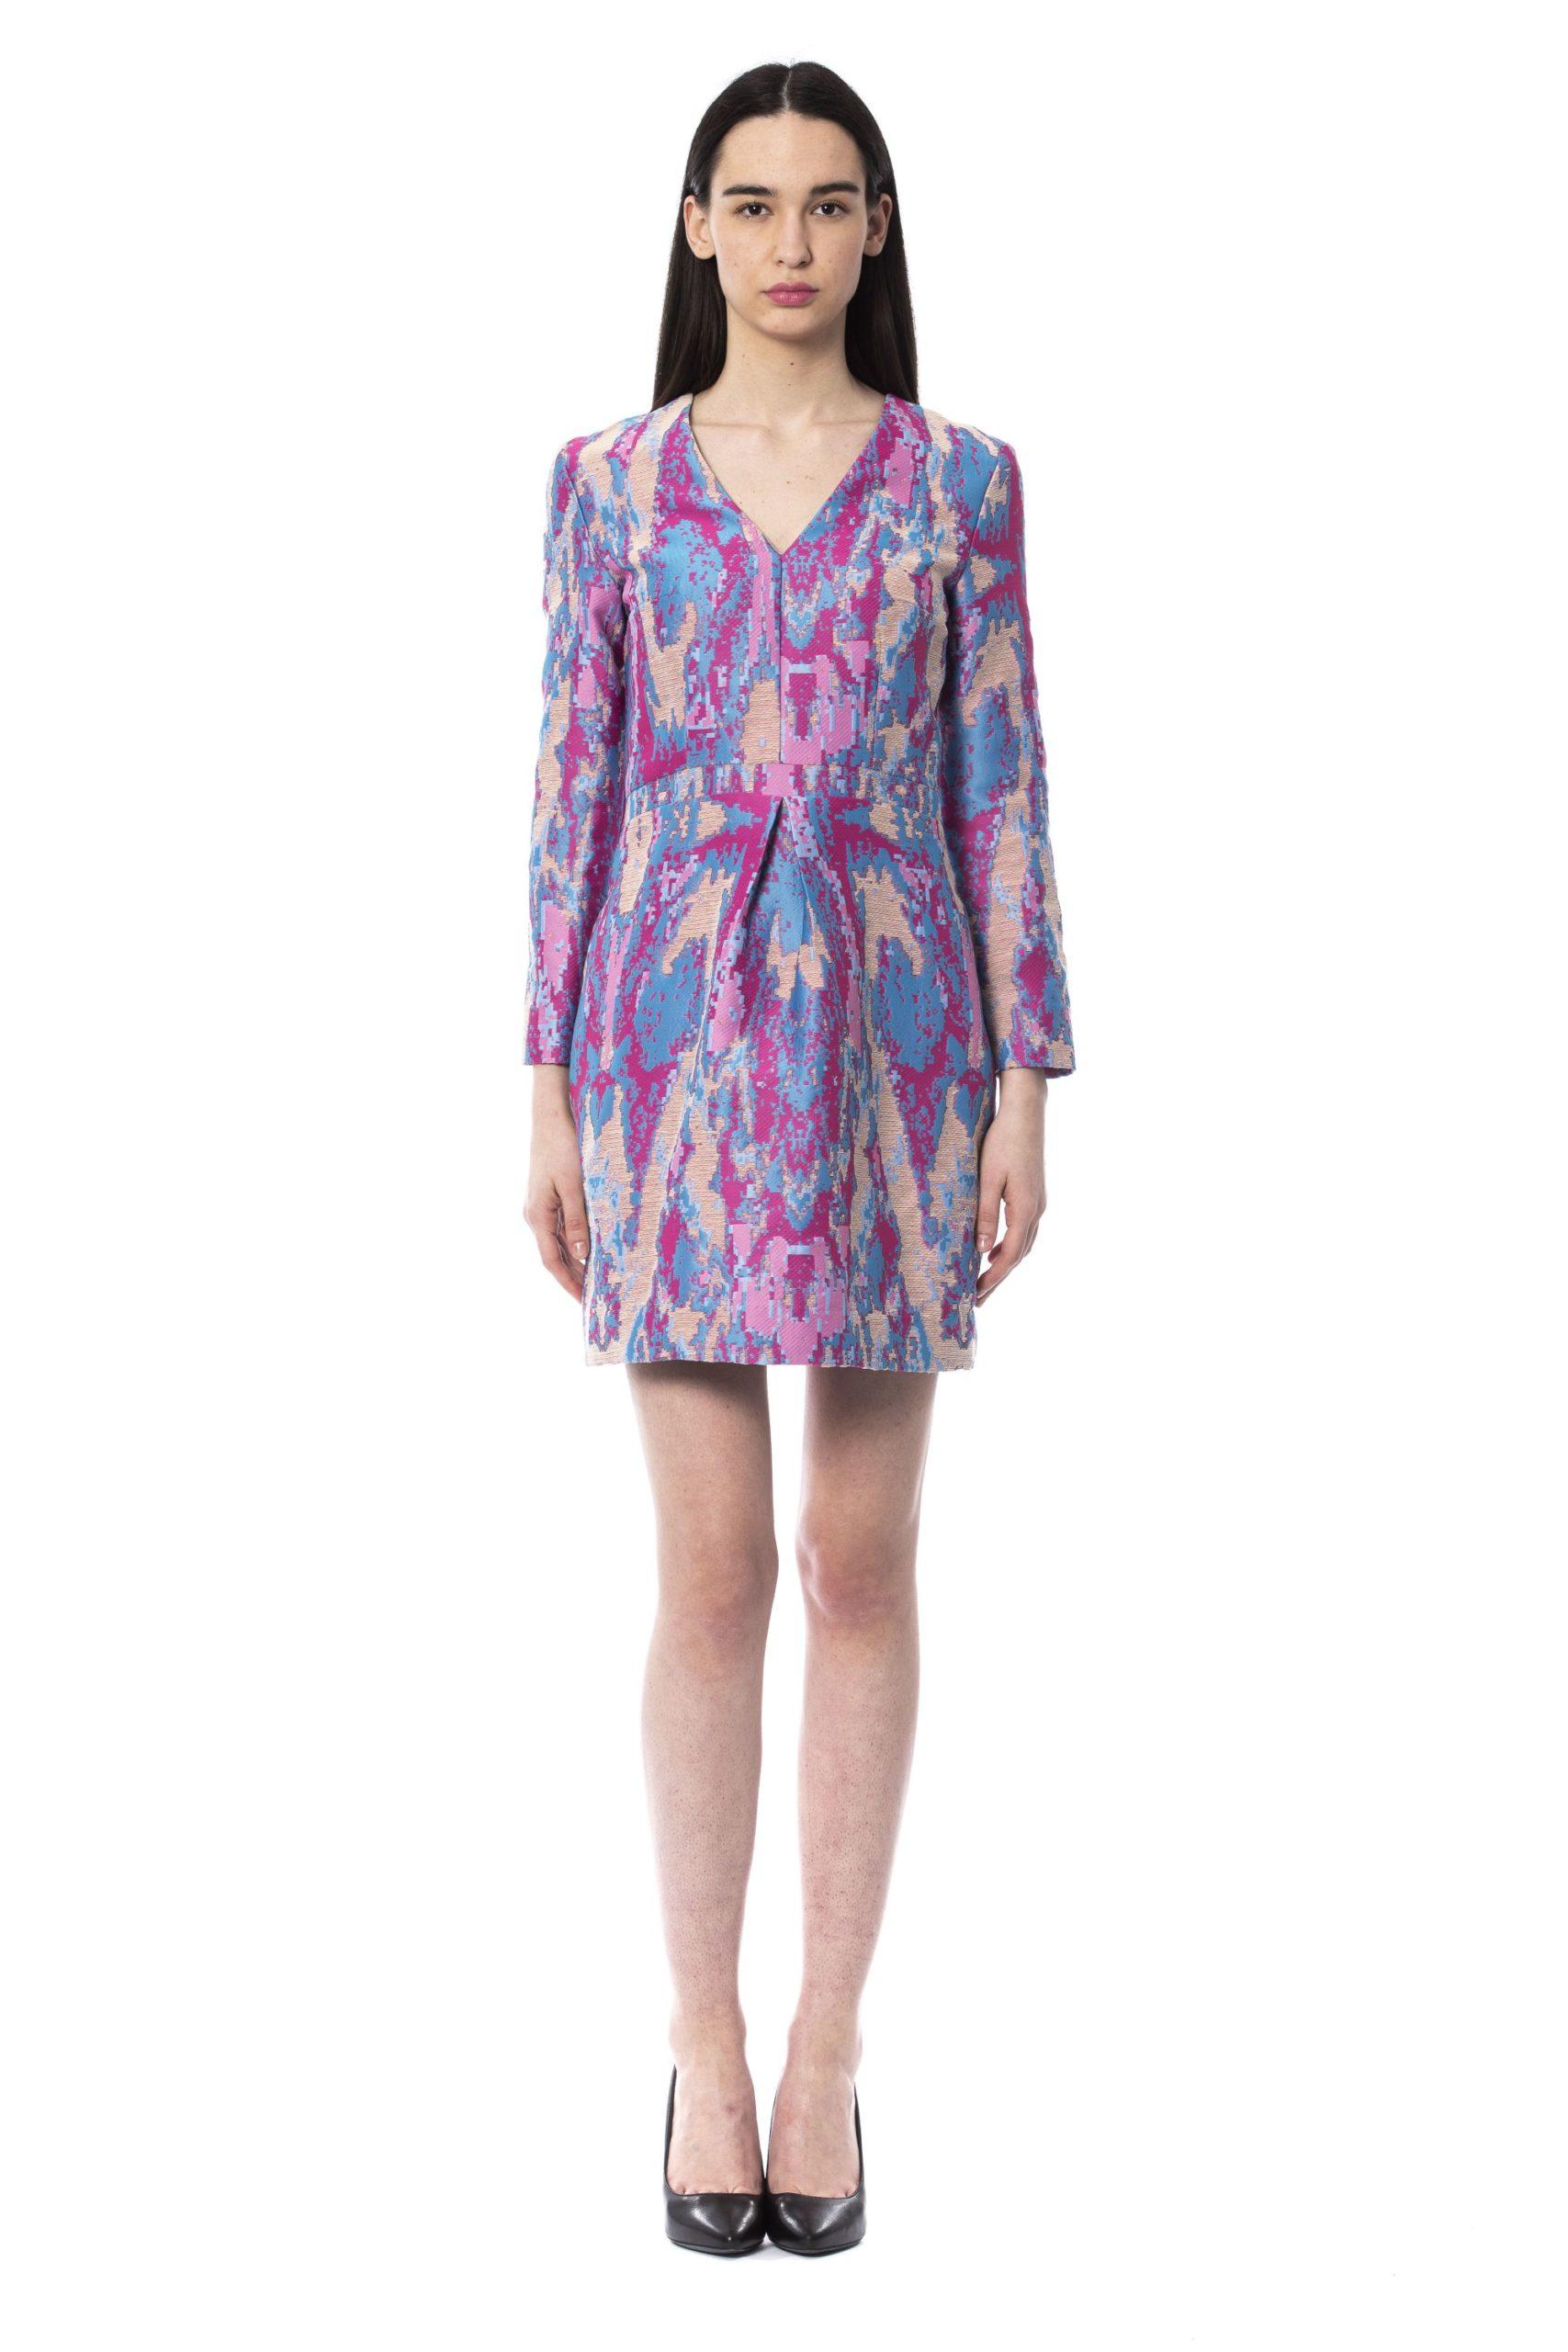 Byblos Women's Celeste Long Sleeve Dress Multicolour BY997106 - IT42 | S